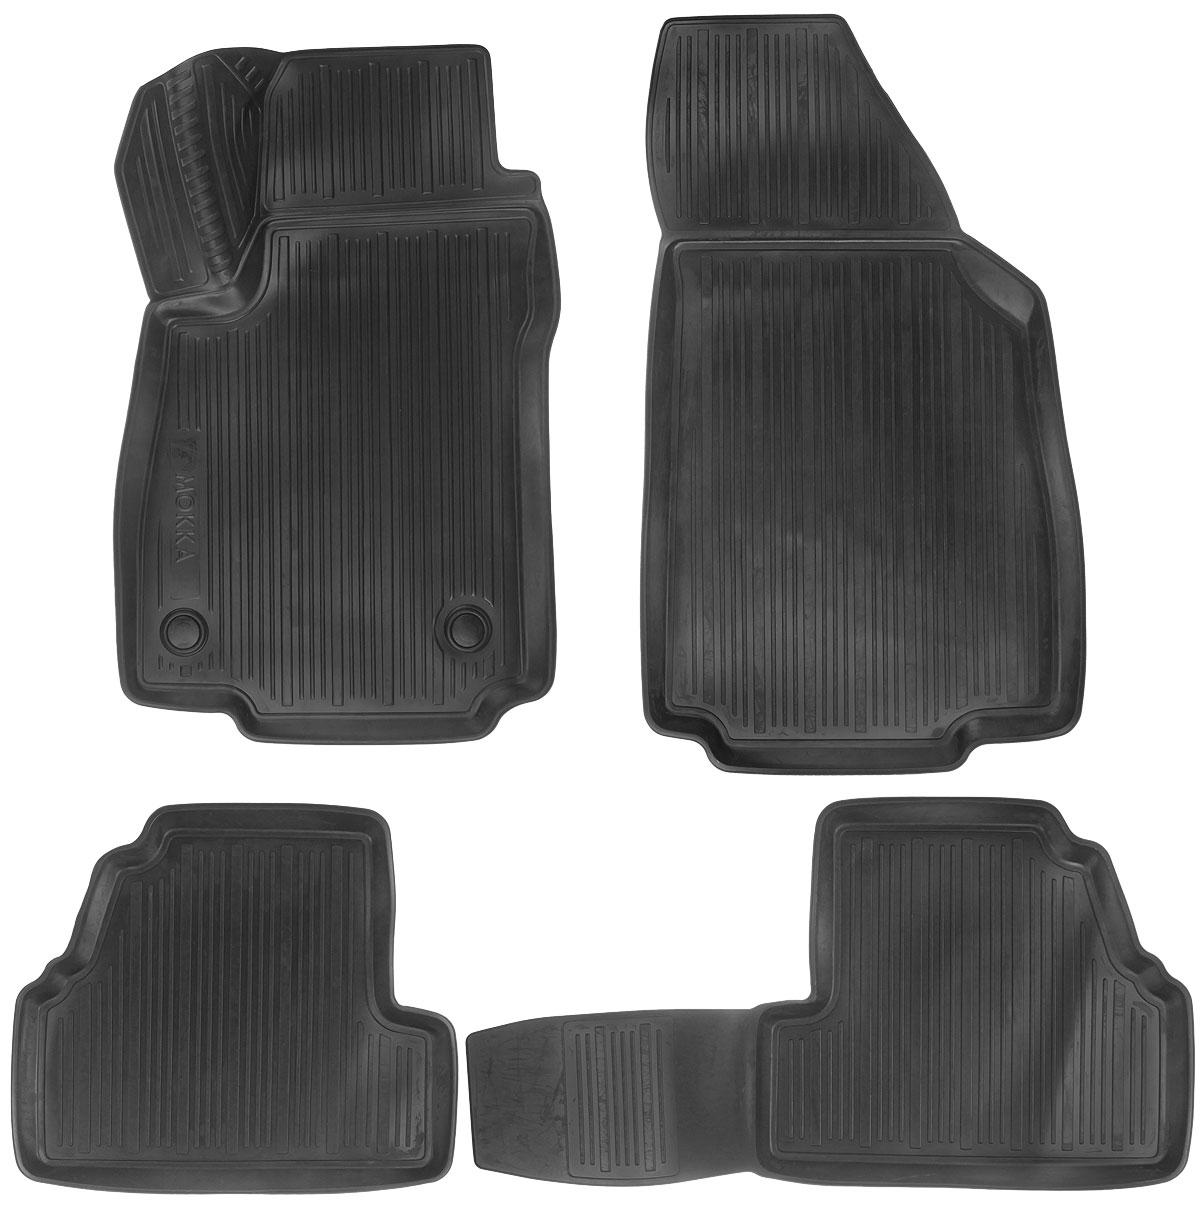 Набор автомобильных ковриков L.Locker Opel Mokka 2012, в салон, 4 штВетерок 2ГФНабор L.Locker Opel Mokka 2012, изготовленный из полиуретана, состоит из 4 антискользящих 3D ковриков, которые производятся индивидуально для каждой модели автомобиля. Изделие точно повторяет геометрию пола автомобиля, имеет высокий борт, обладает повышенной износоустойчивостью, лишено резкого запаха и сохраняет свои потребительские свойства в широком диапазоне температур от -50°С до +50°С.Комплектация: 4 шт.Размер ковриков: 80 см х 51 см; 50 см х 87,5 см; 84 см х 44 см; 51 см х 44 см.